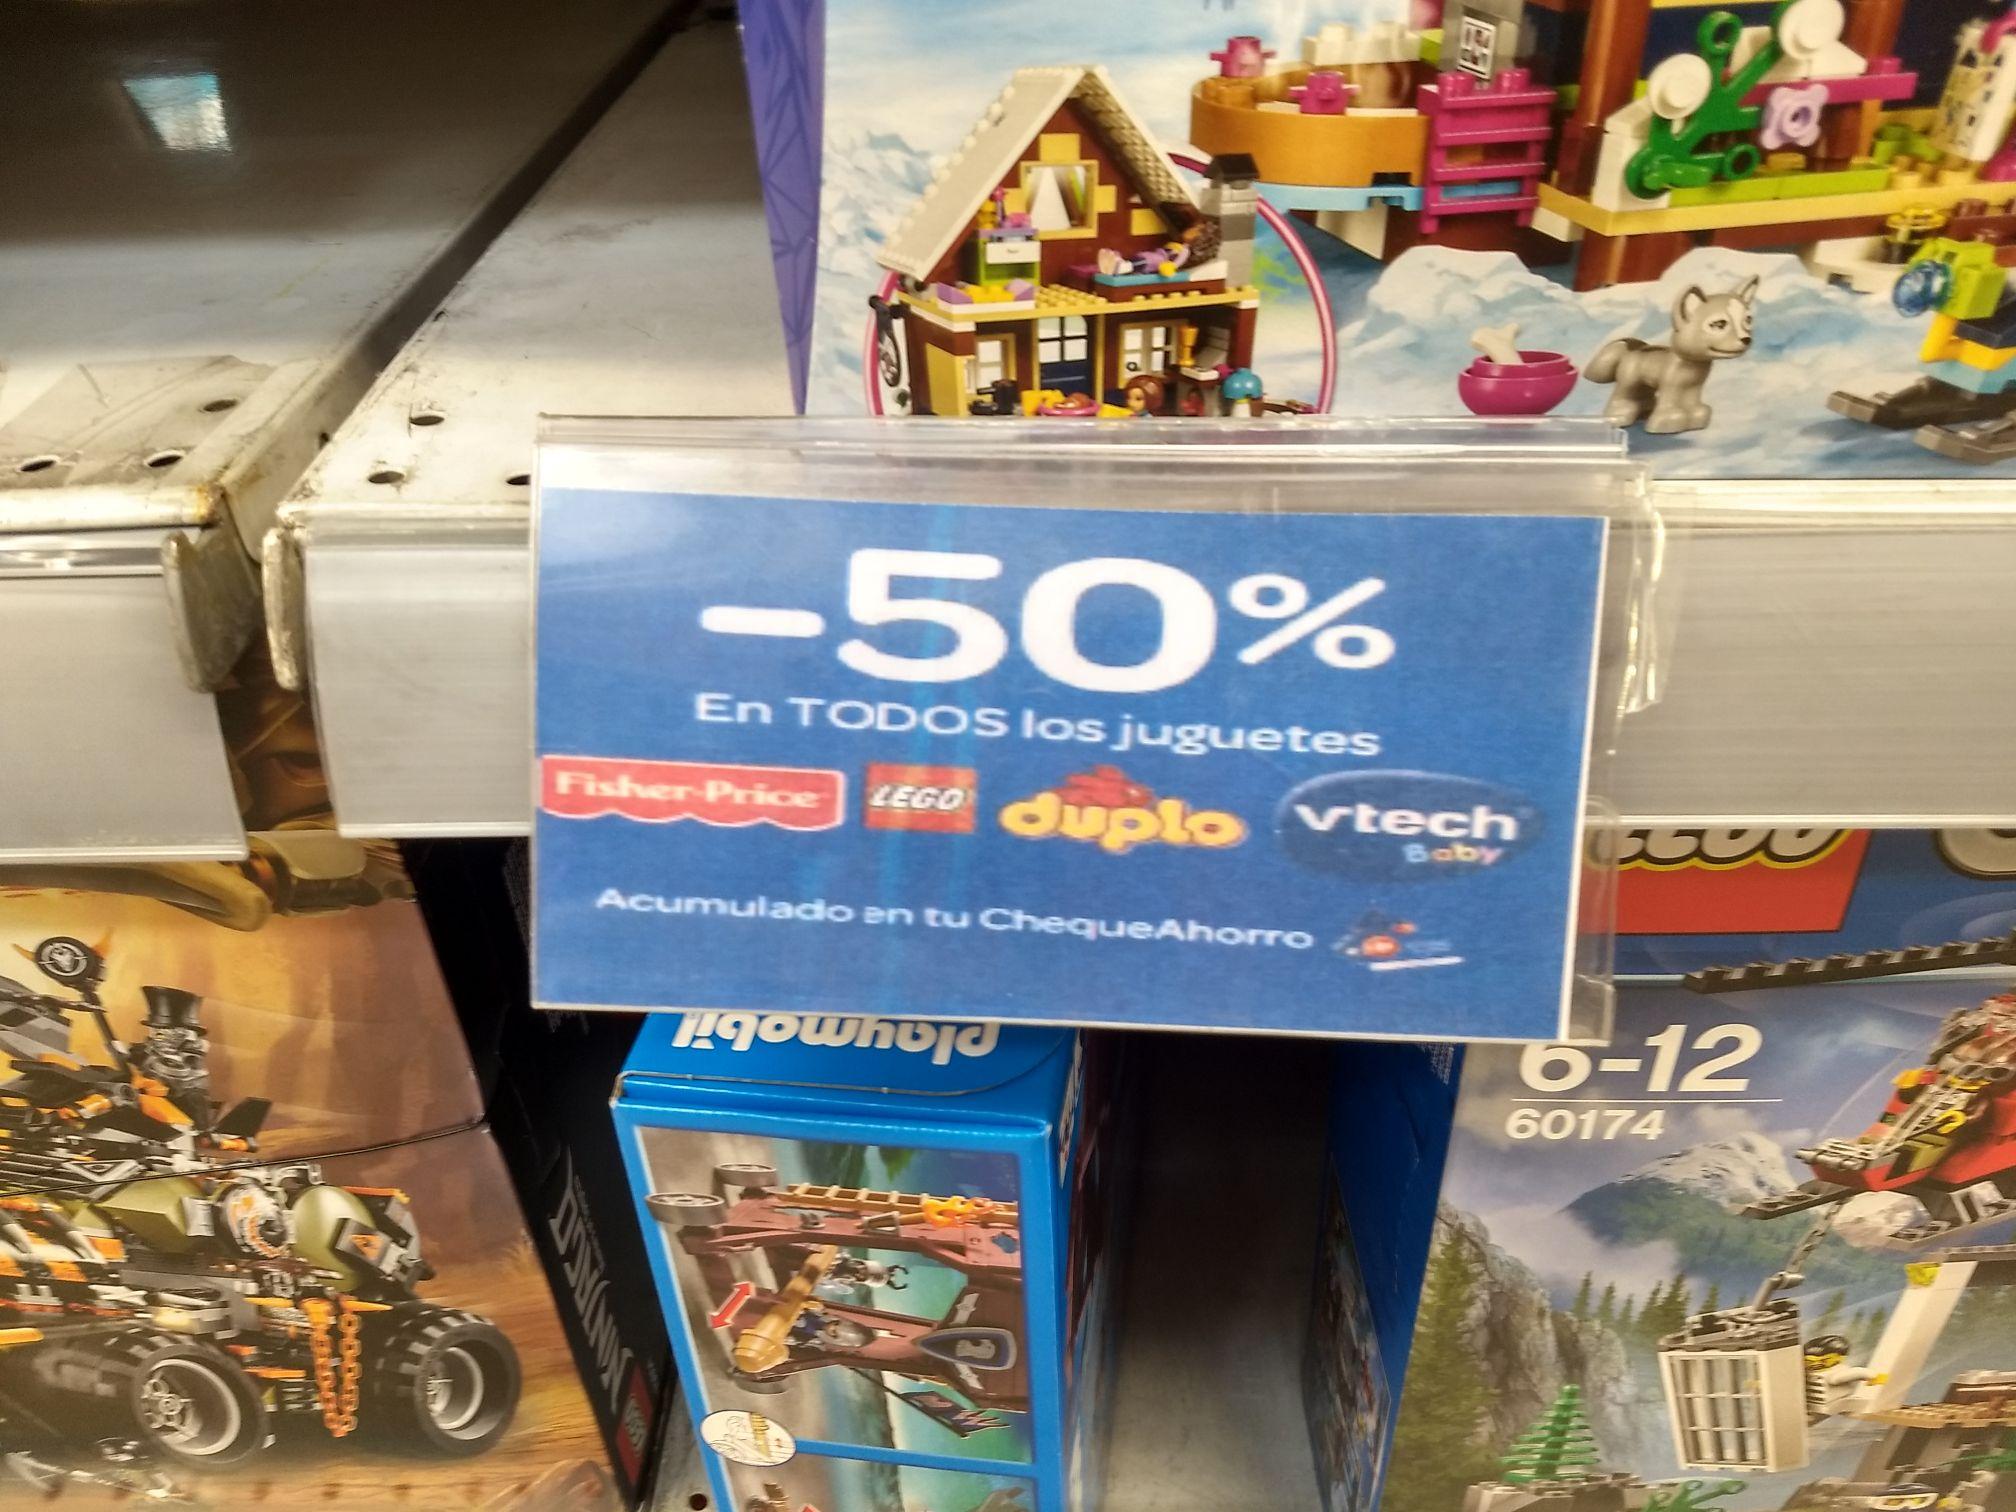 Lego 50% devuelto en cheque ahorro Carrefour